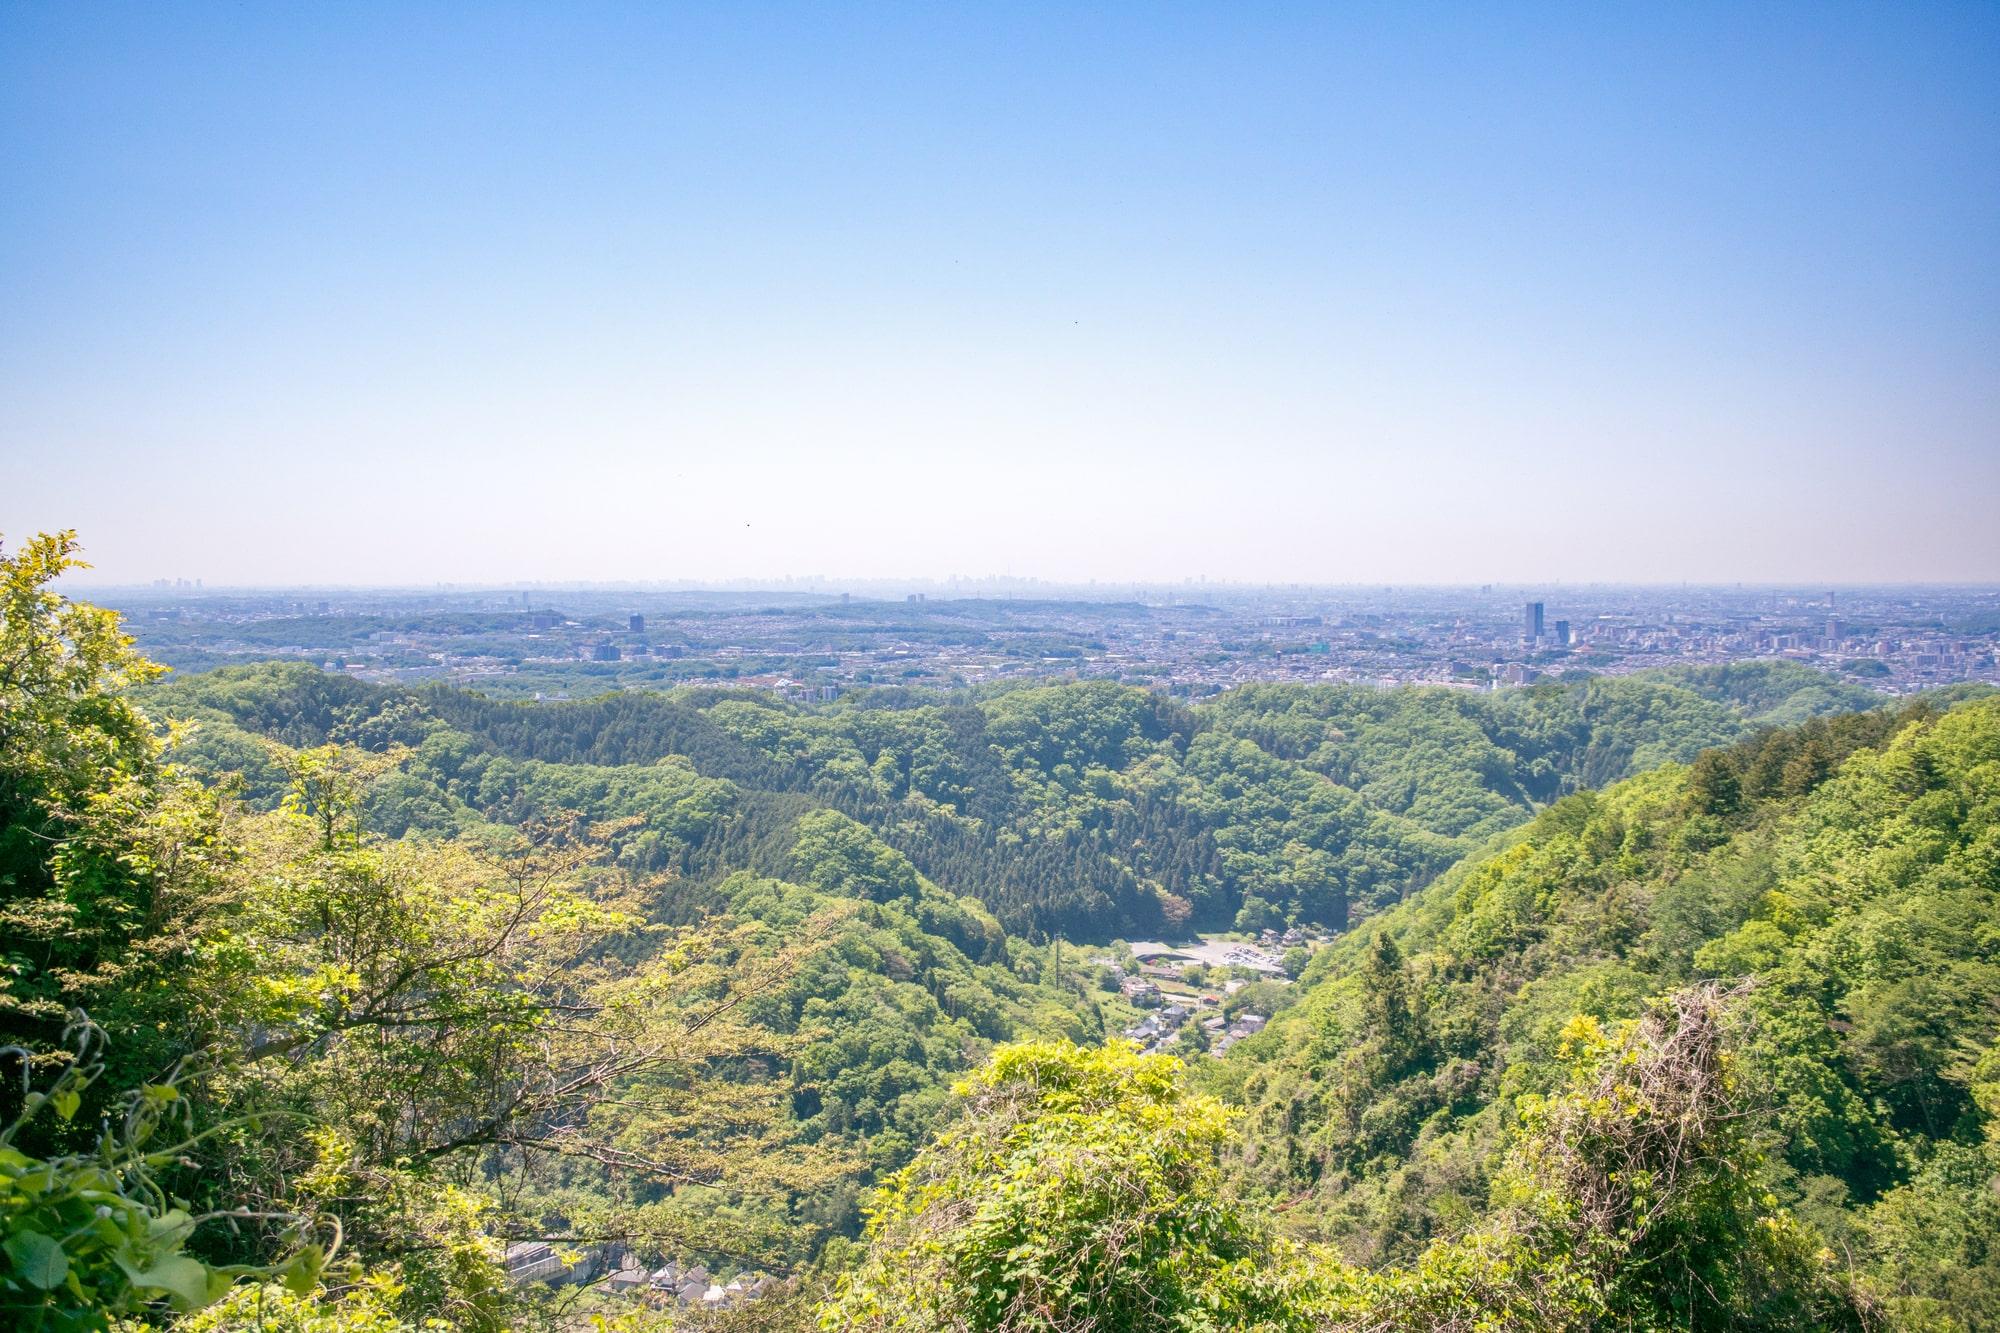 高尾山といえば、高すぎず低すぎず、お手軽に登山感を感じられる登山スポット